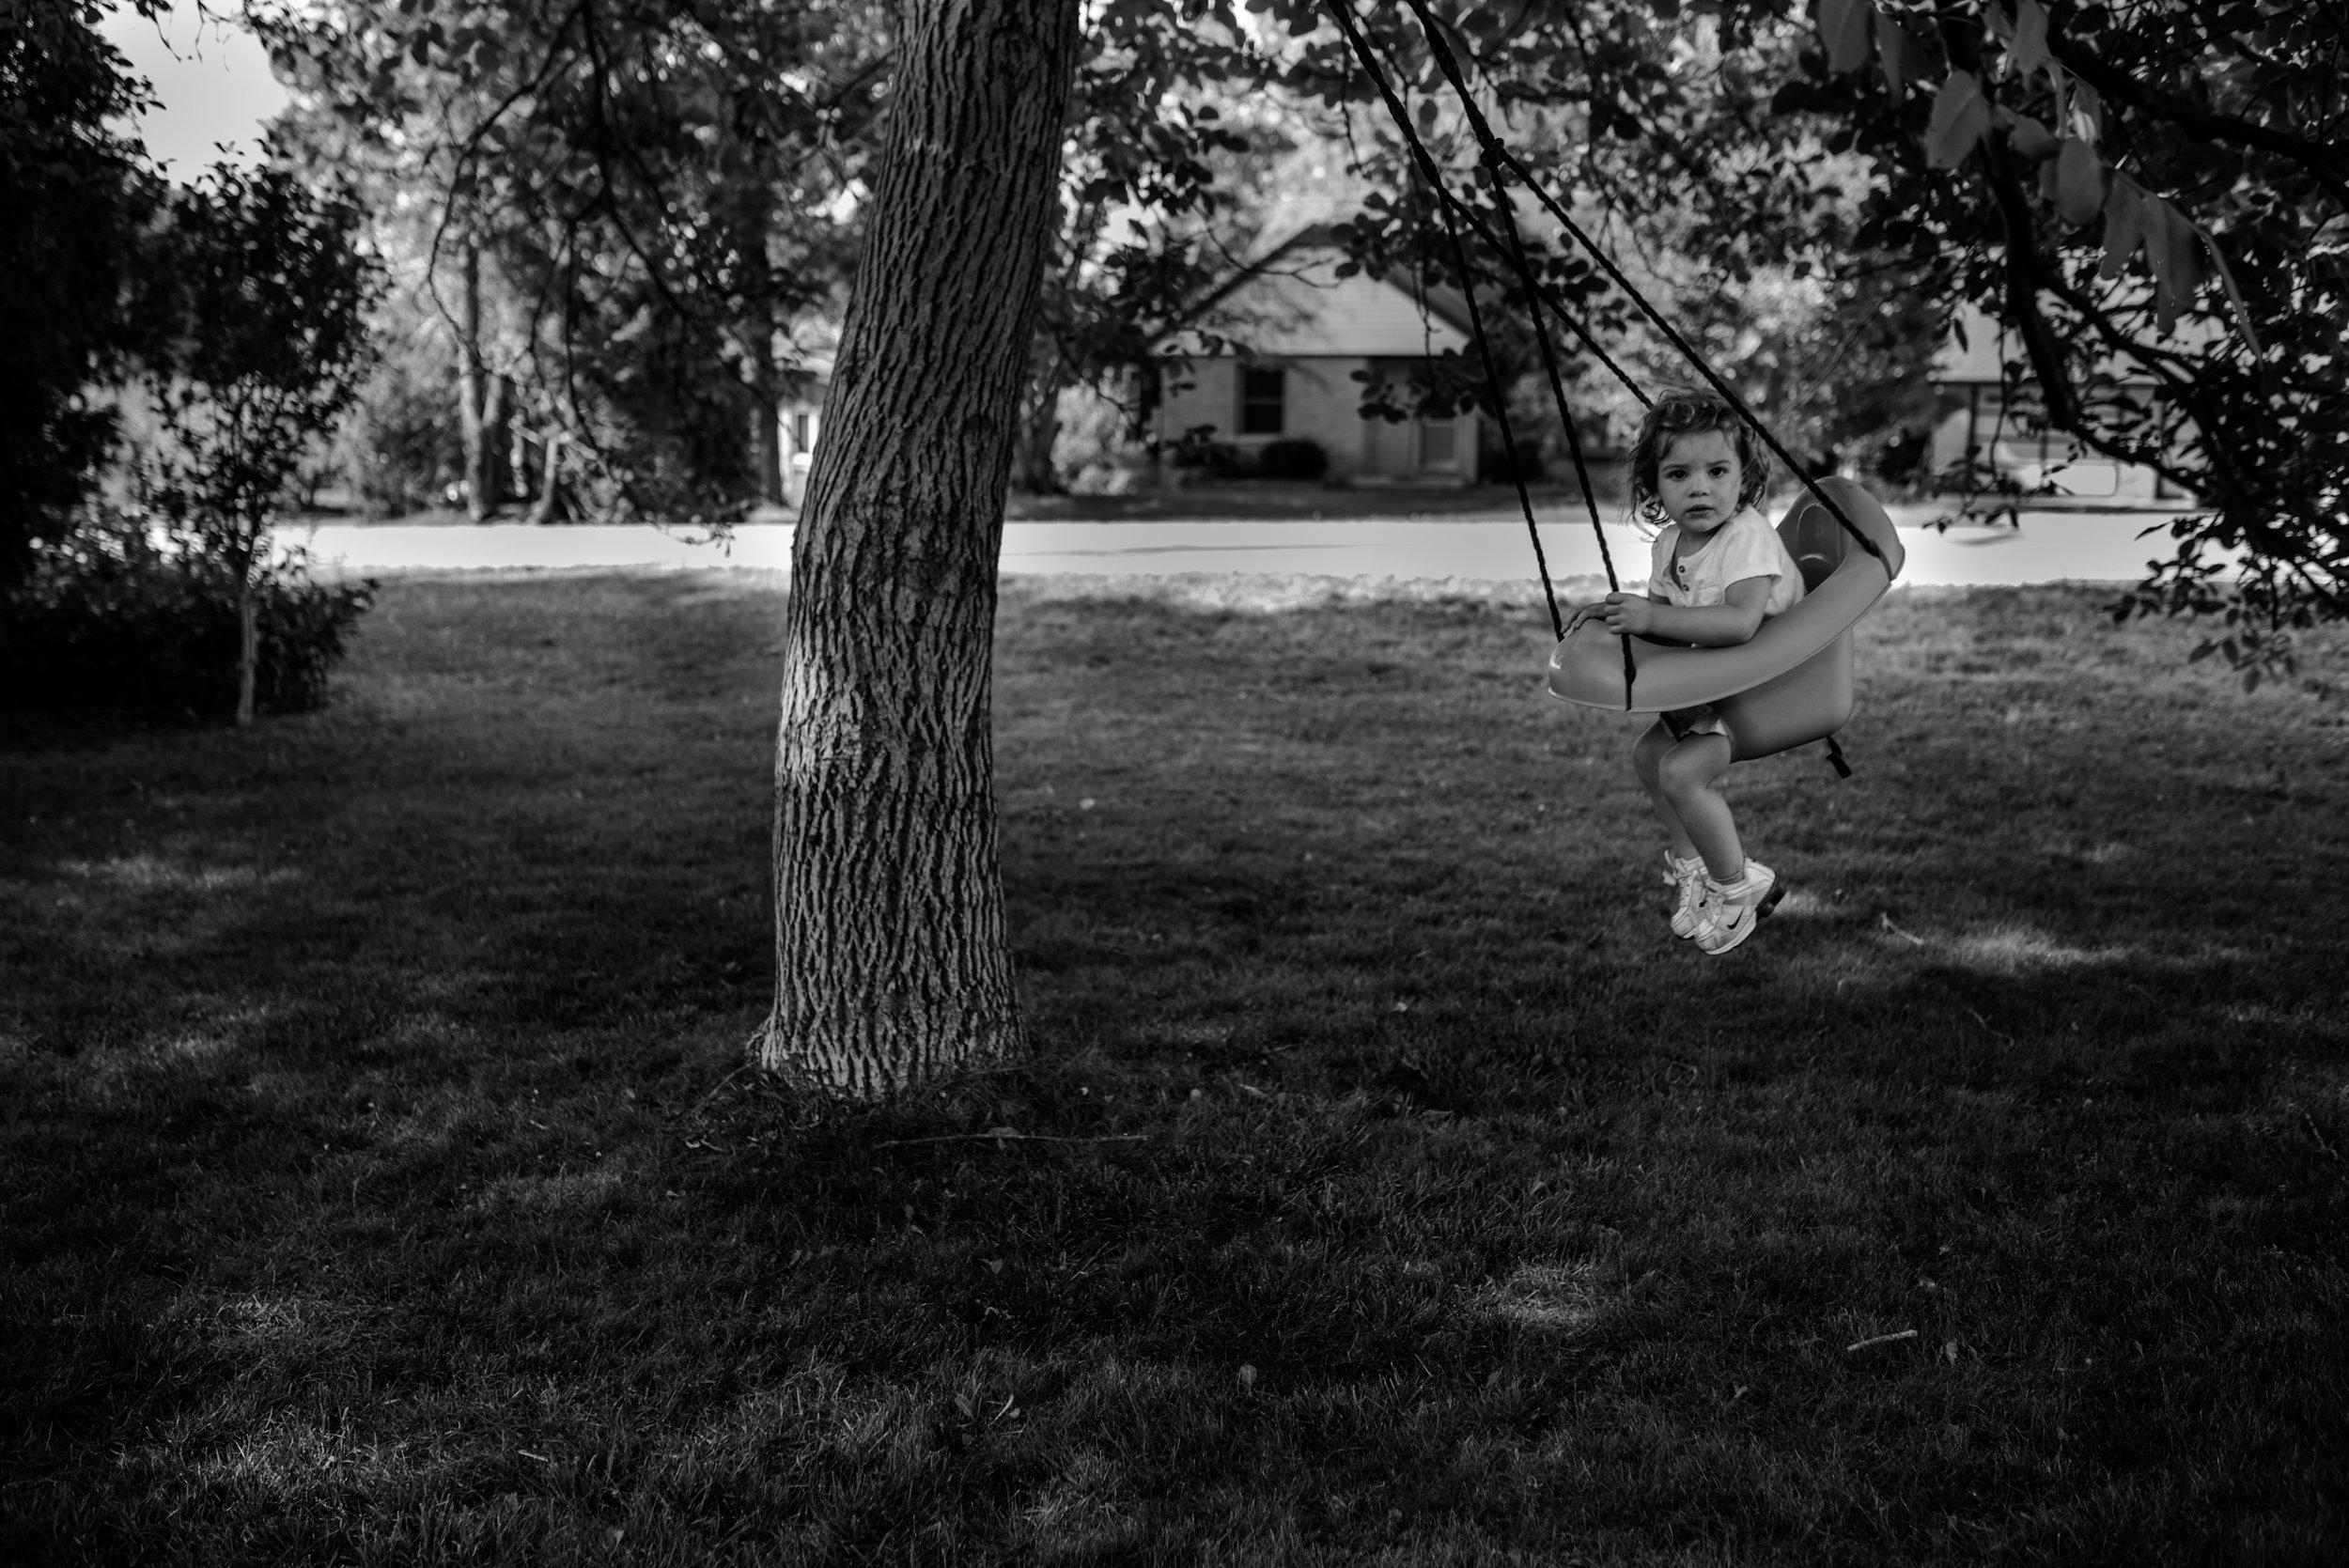 girl in swing outside